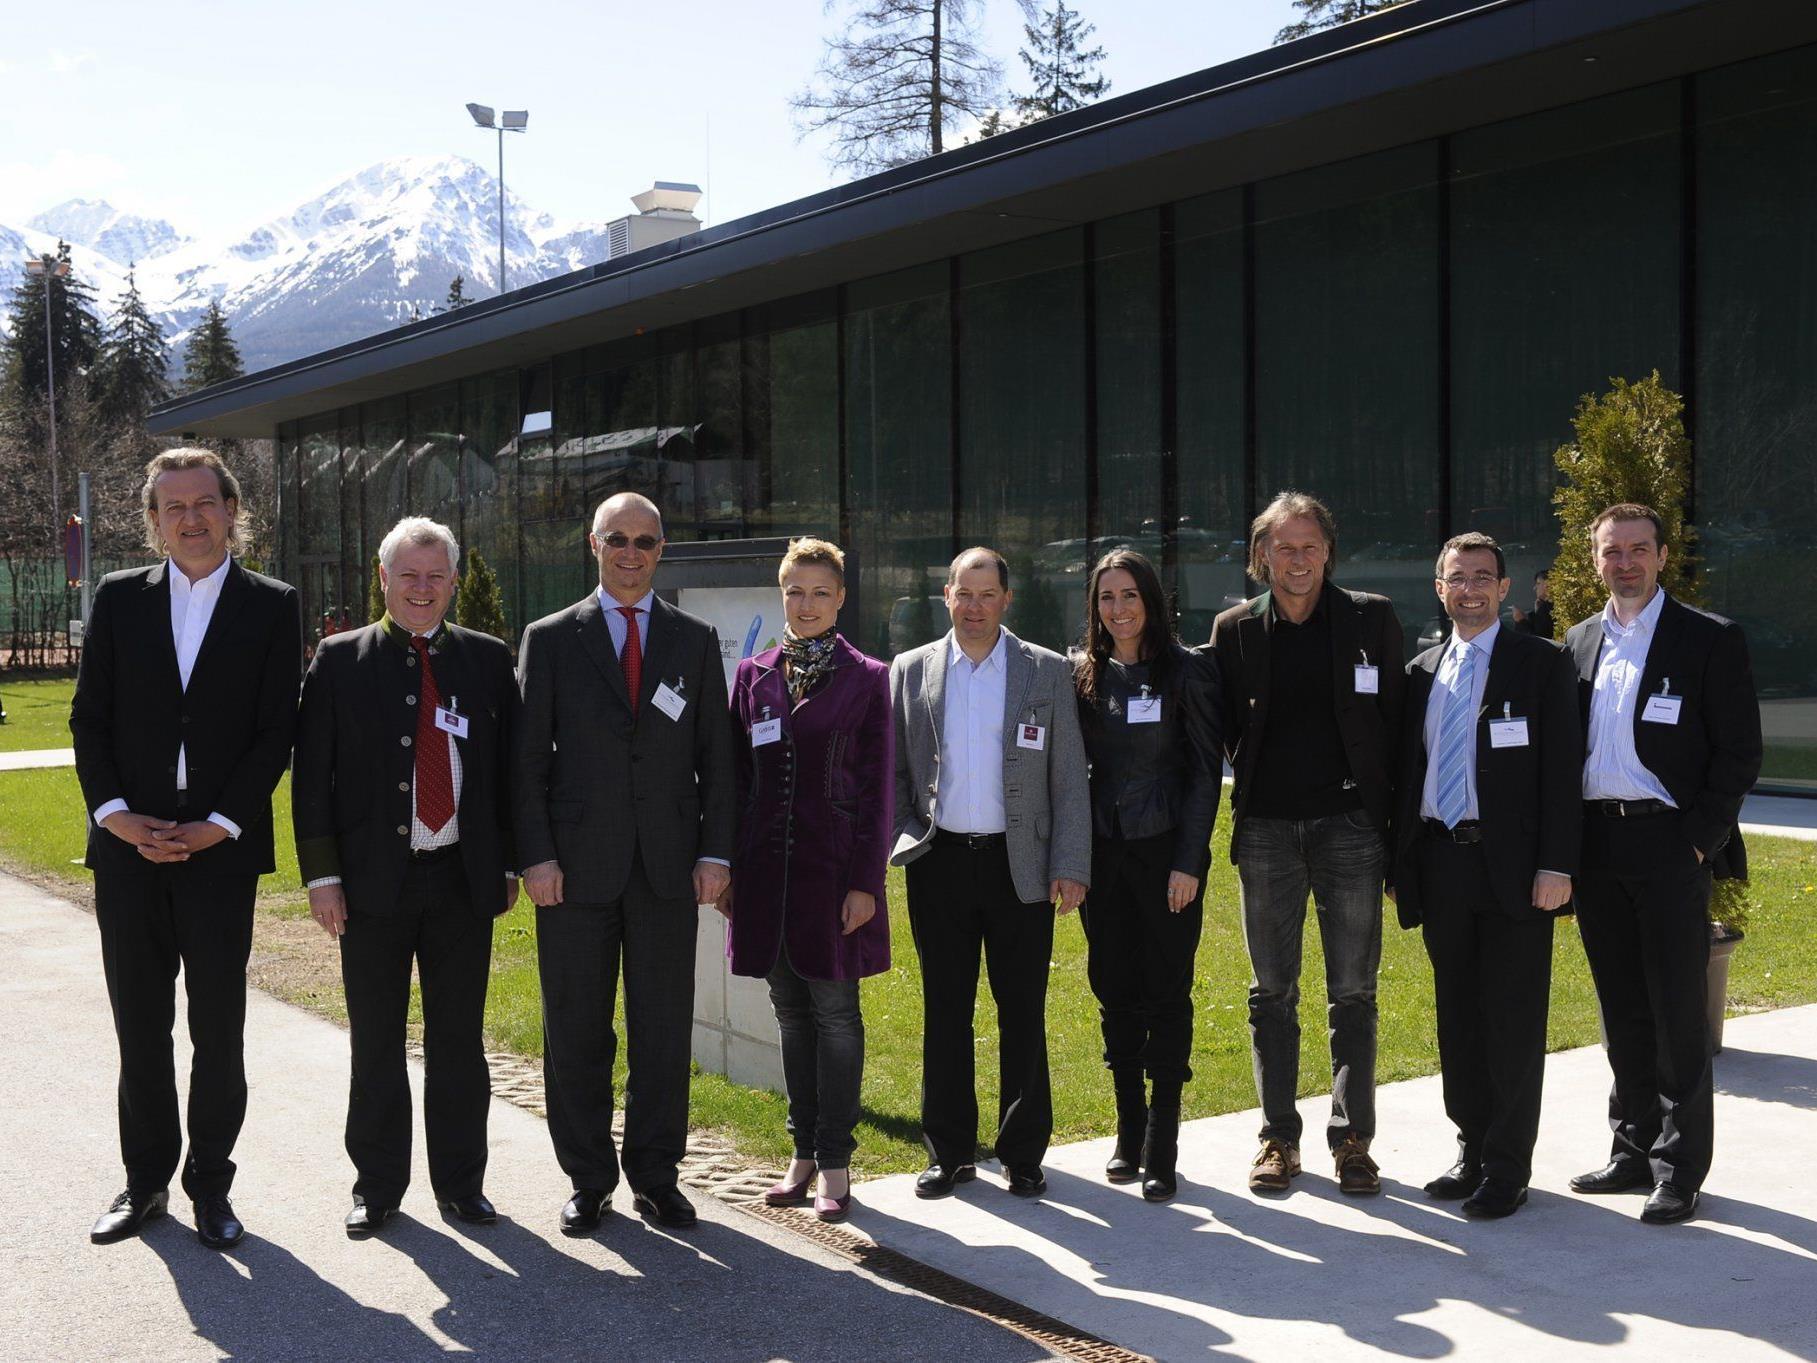 Referenten (v.l.n.r.): Markus Linder, Josef Rieser, Dr. Christoph Nussbaumer, Ellen Nenning, Sigi Grüner, Maria Nussbaumer, Markus Gutheinz, Norbert Hörburger, Christoph Antretter